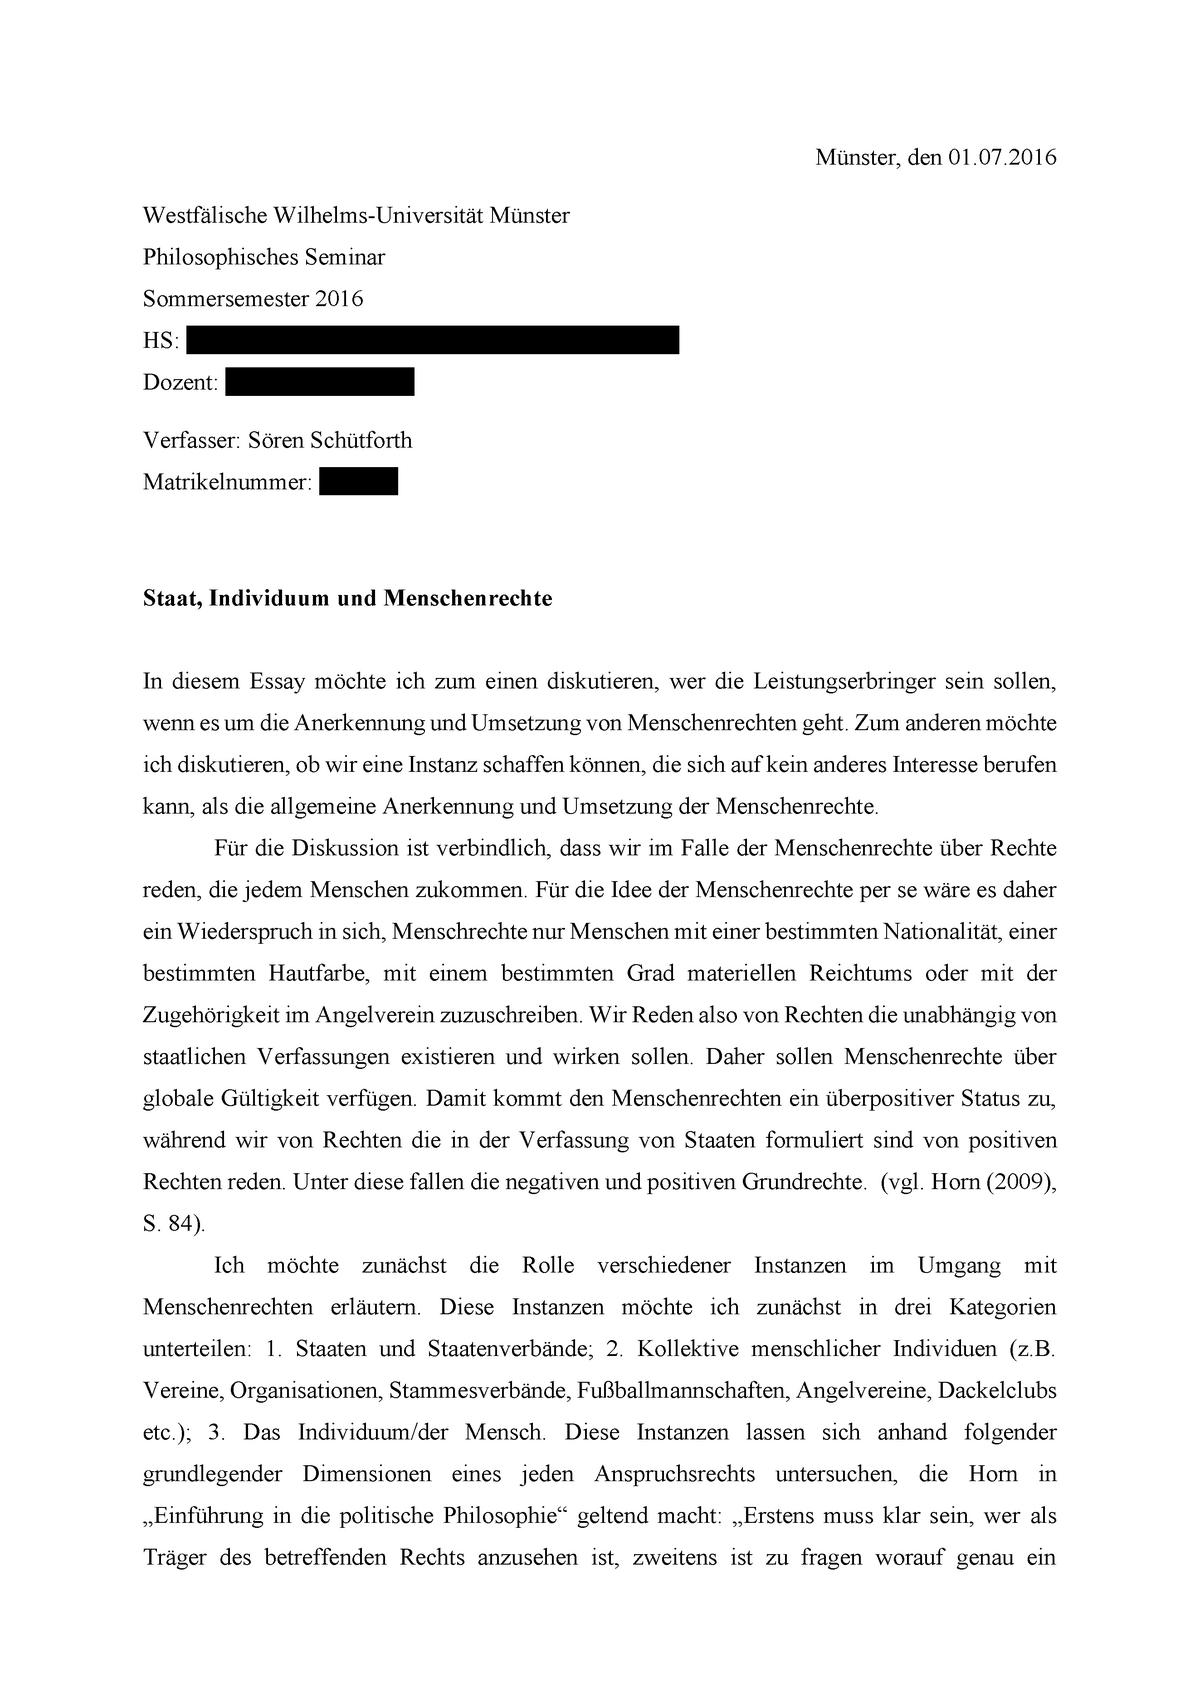 Essay Von Soren Schutforth Philosophie Der Menschenrechte Studocu